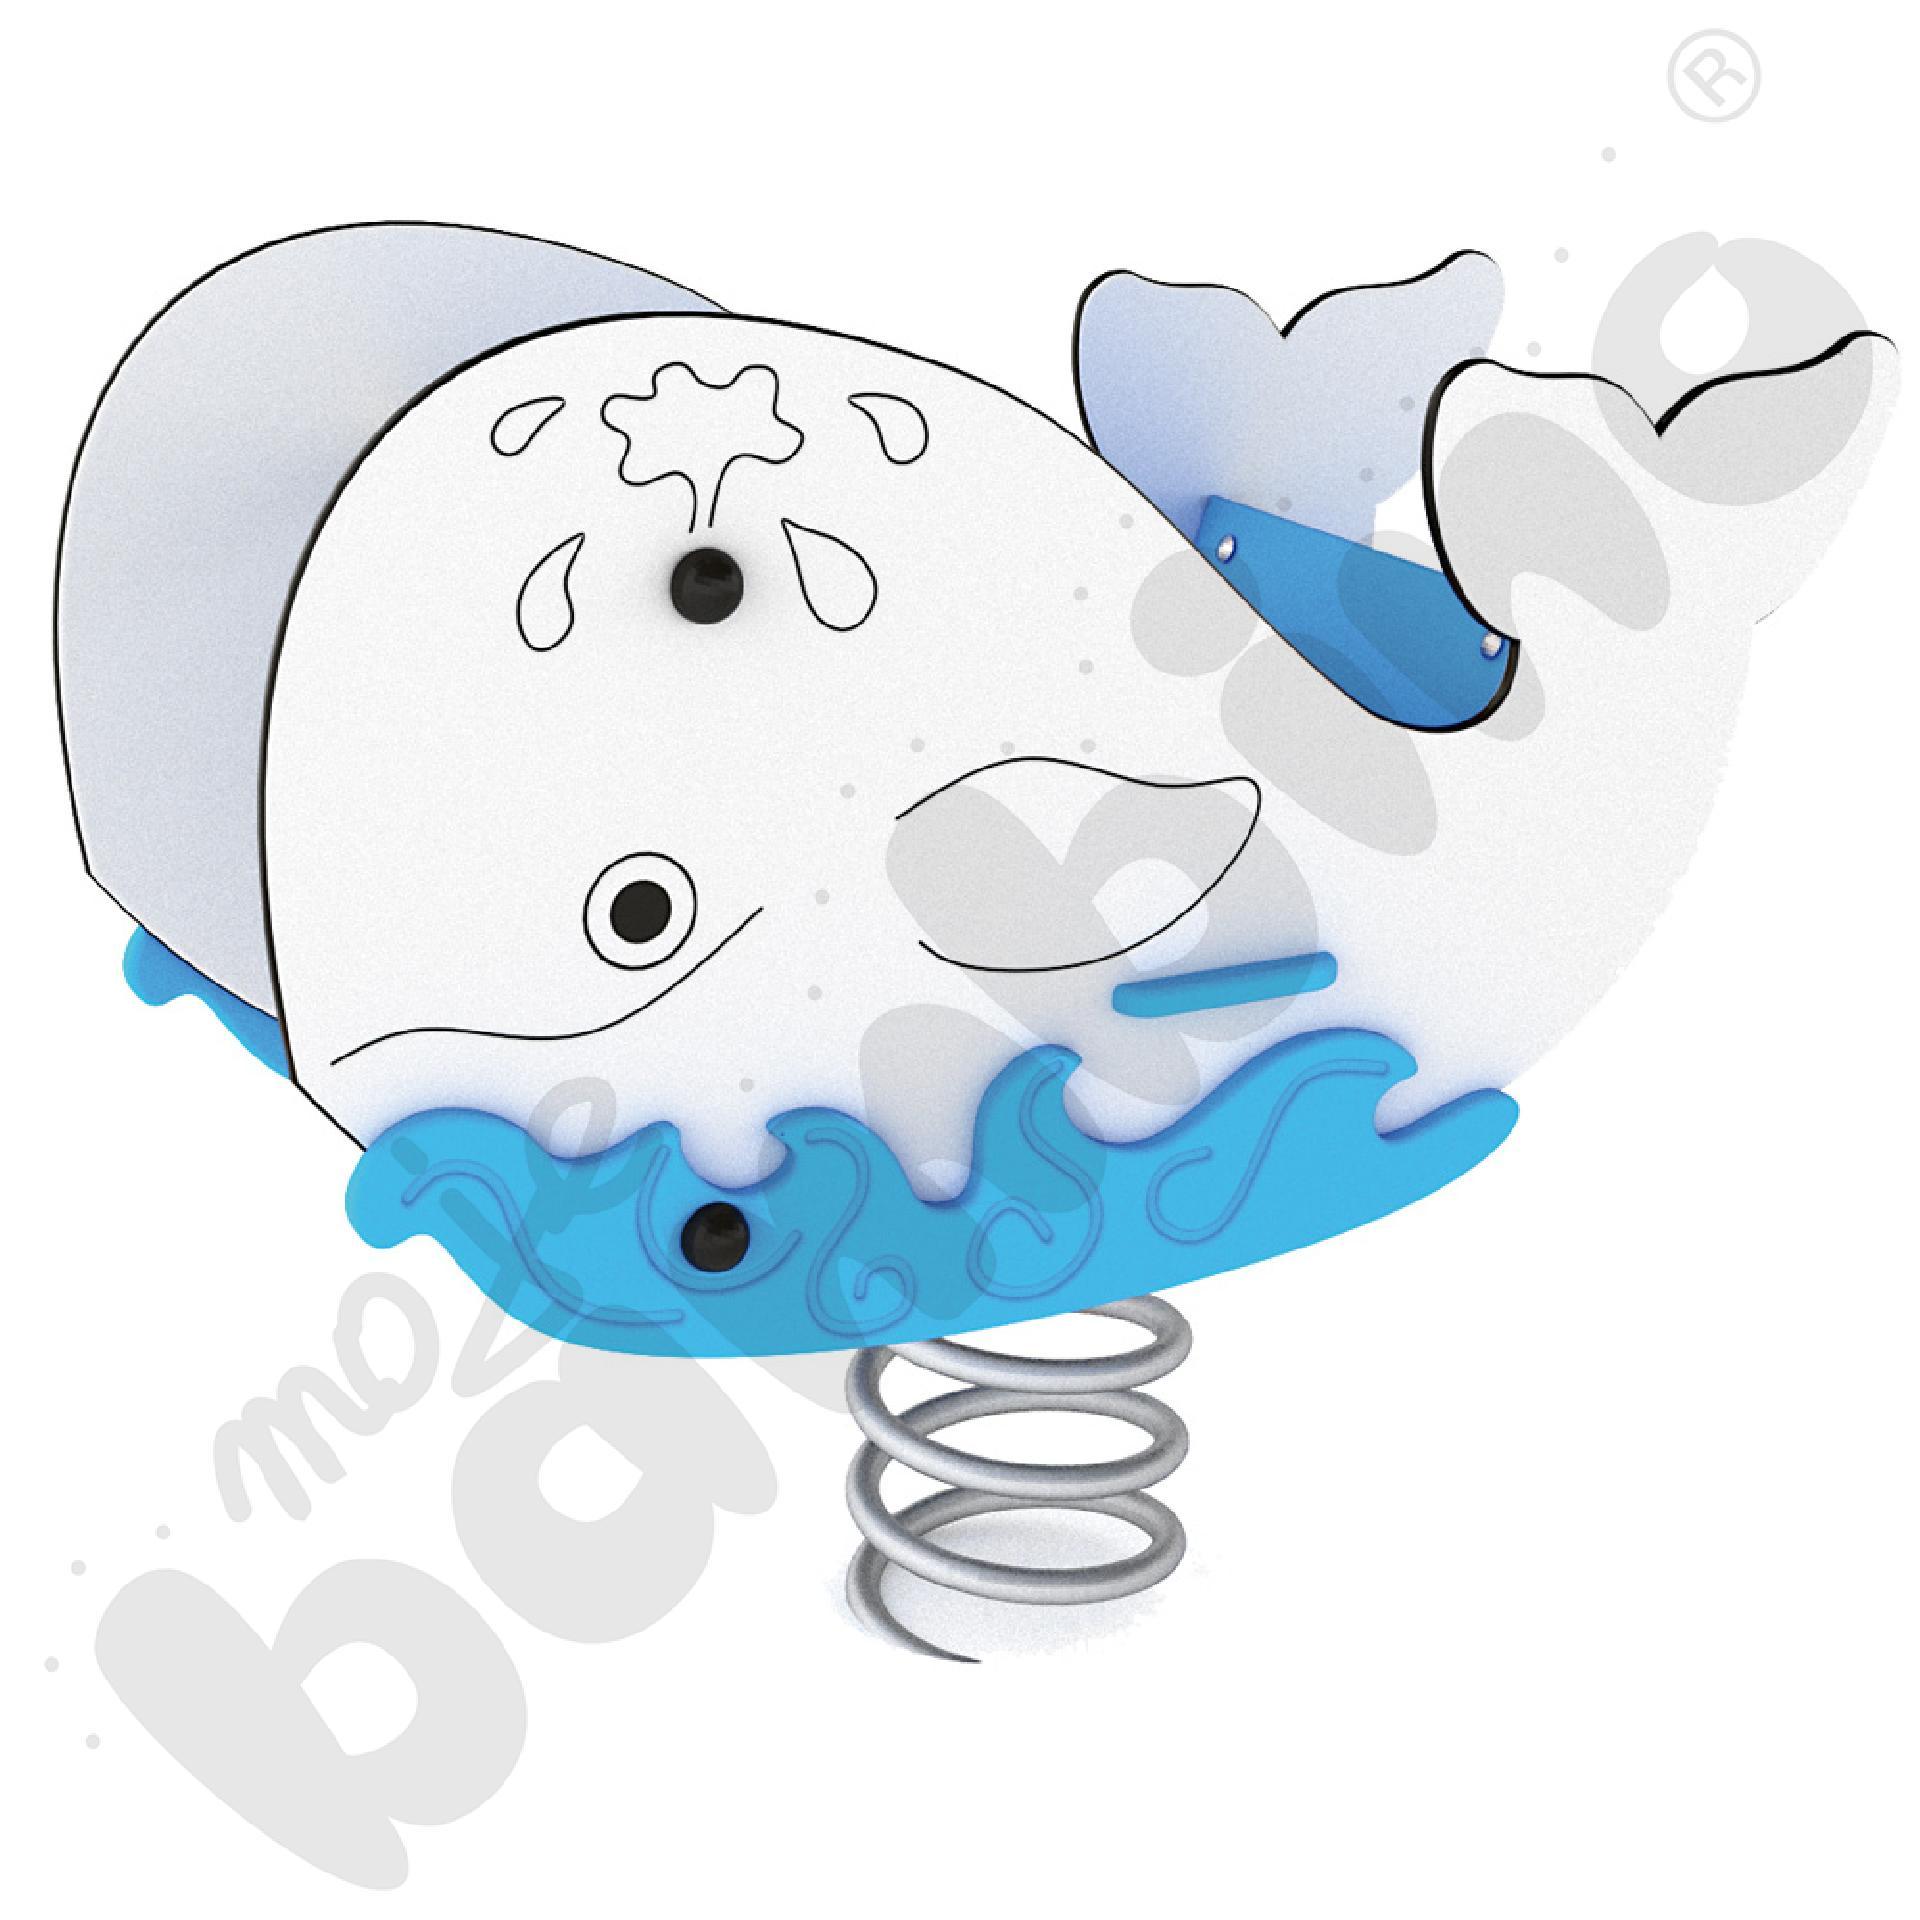 Bujak Wieloryb